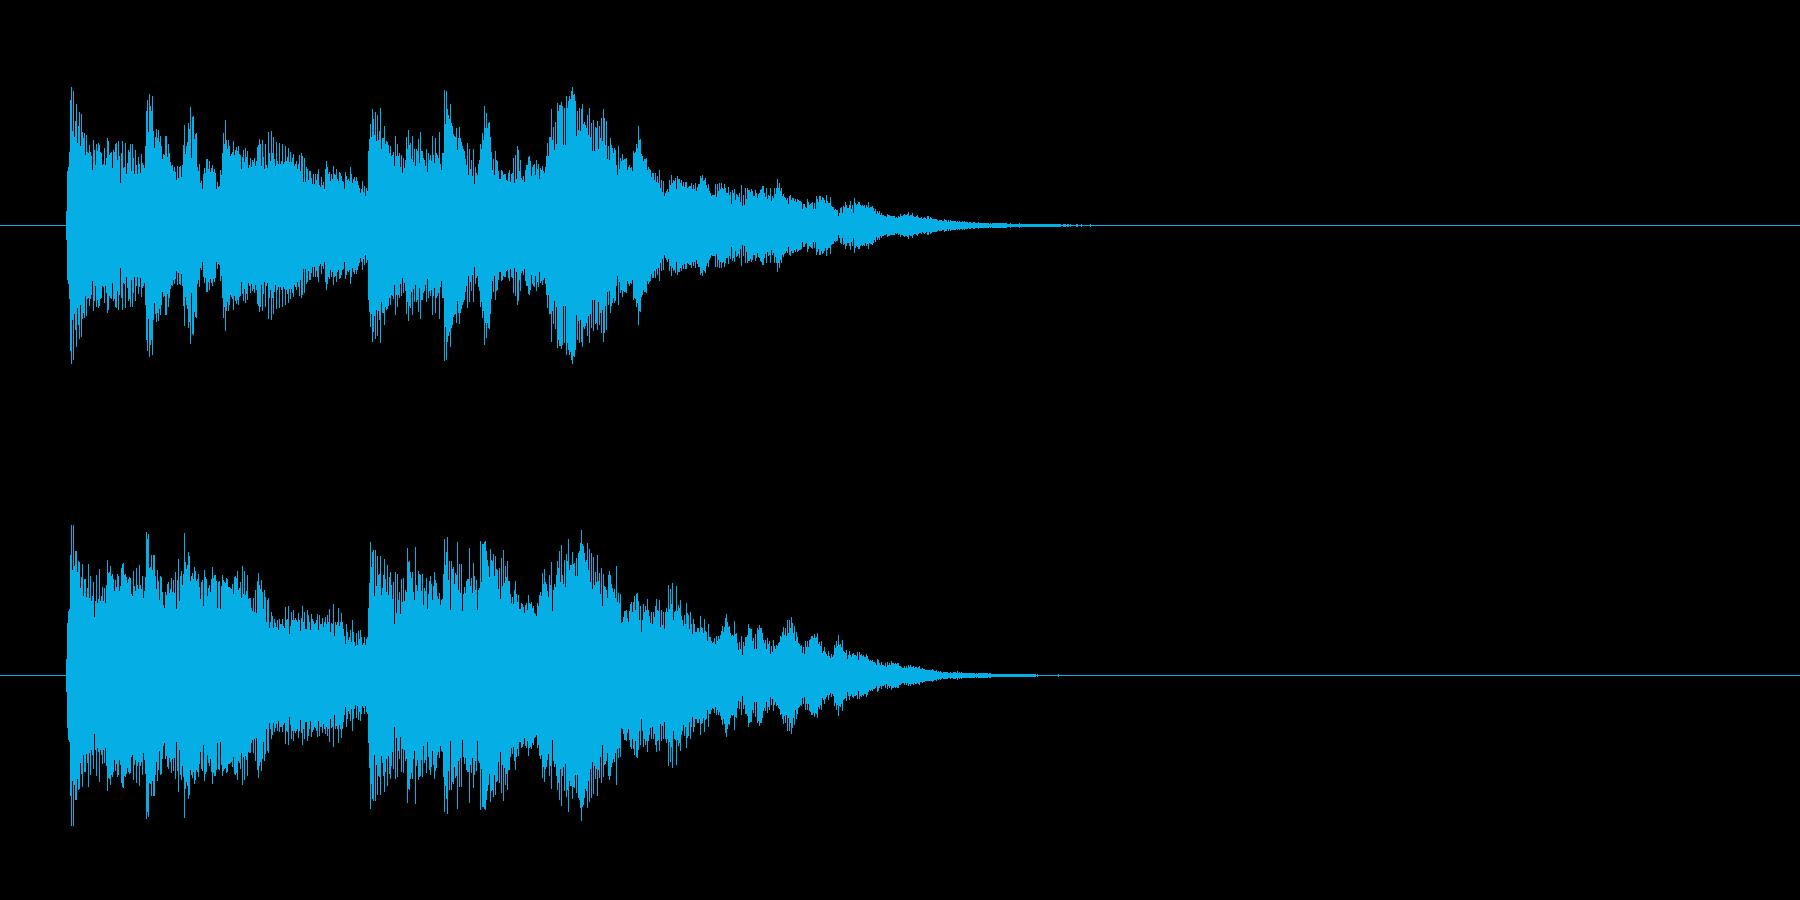 ジングル/環境(エンディング風)の再生済みの波形